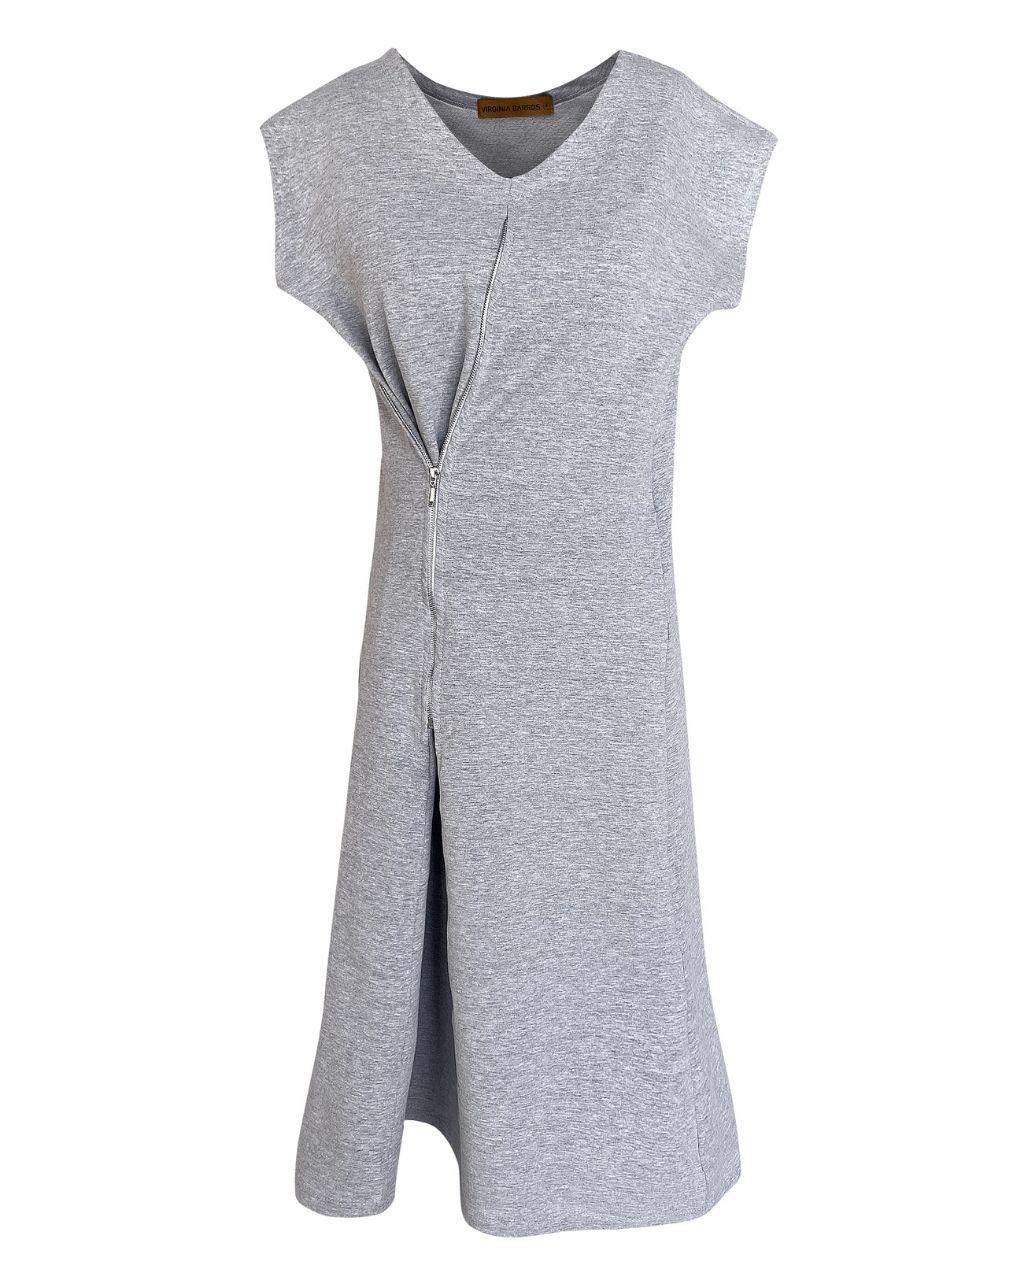 Vestido Zíper Lateral Moletom